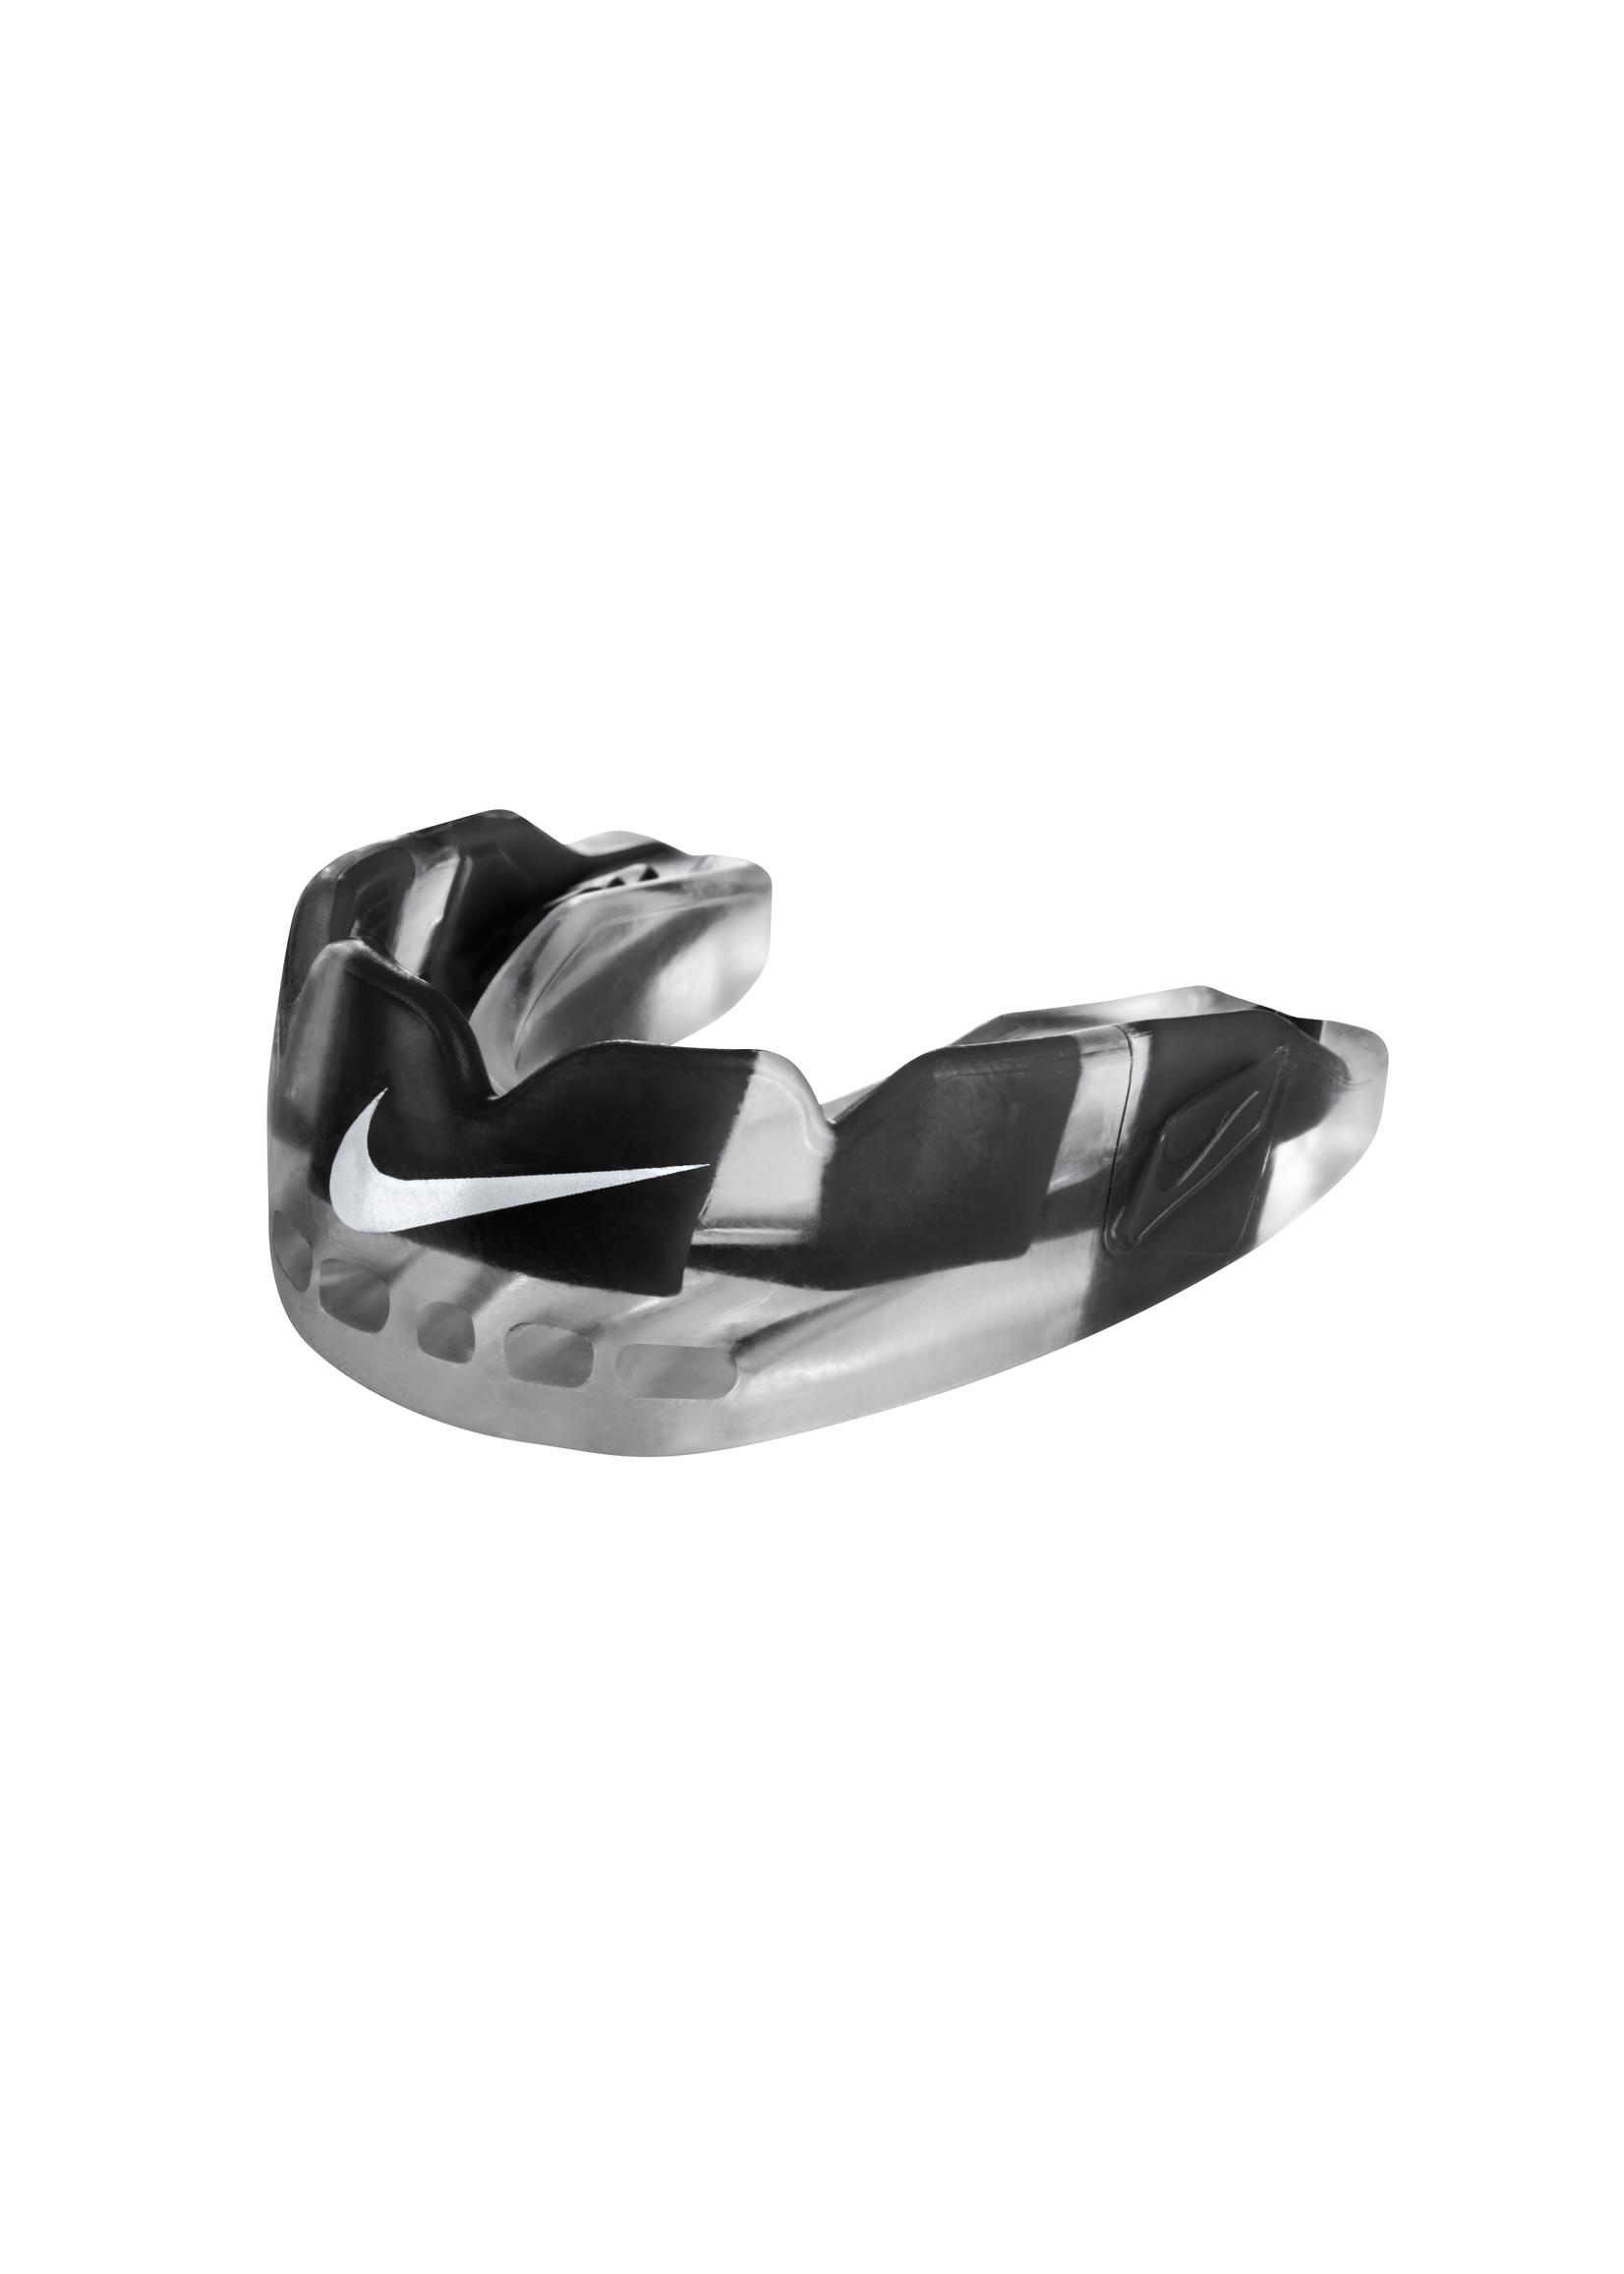 Nike Hyperflow MouthGuard Clear/Black/White